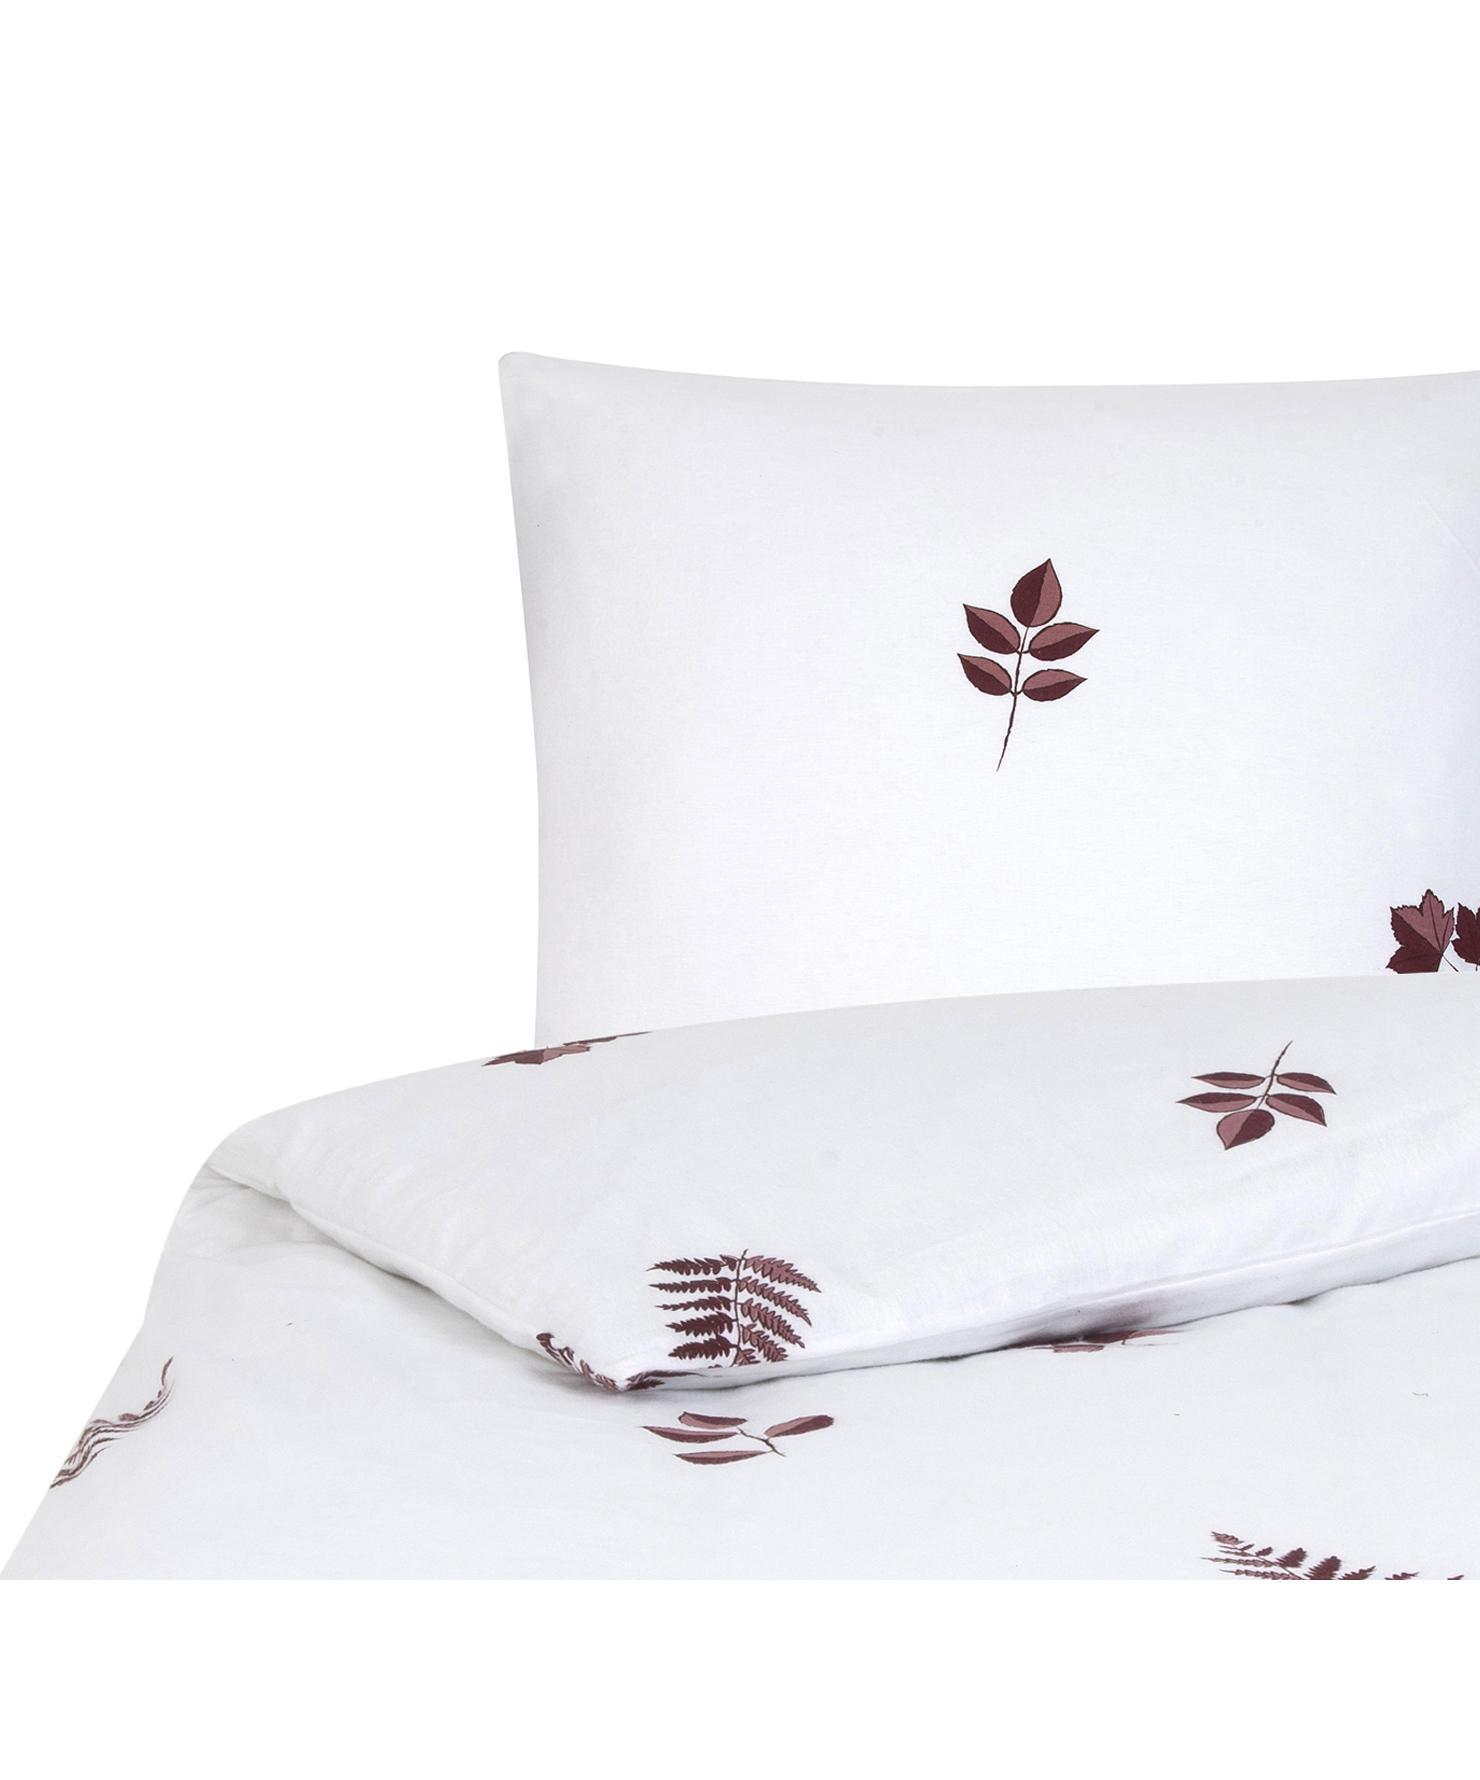 Flanell-Bettwäsche Fraser mit winterlichem Blattmuster, Webart: Flanell Flanell ist ein s, Bordeaux, Weiß, 240 x 220 cm + 2 Kissen 80 x 80 cm